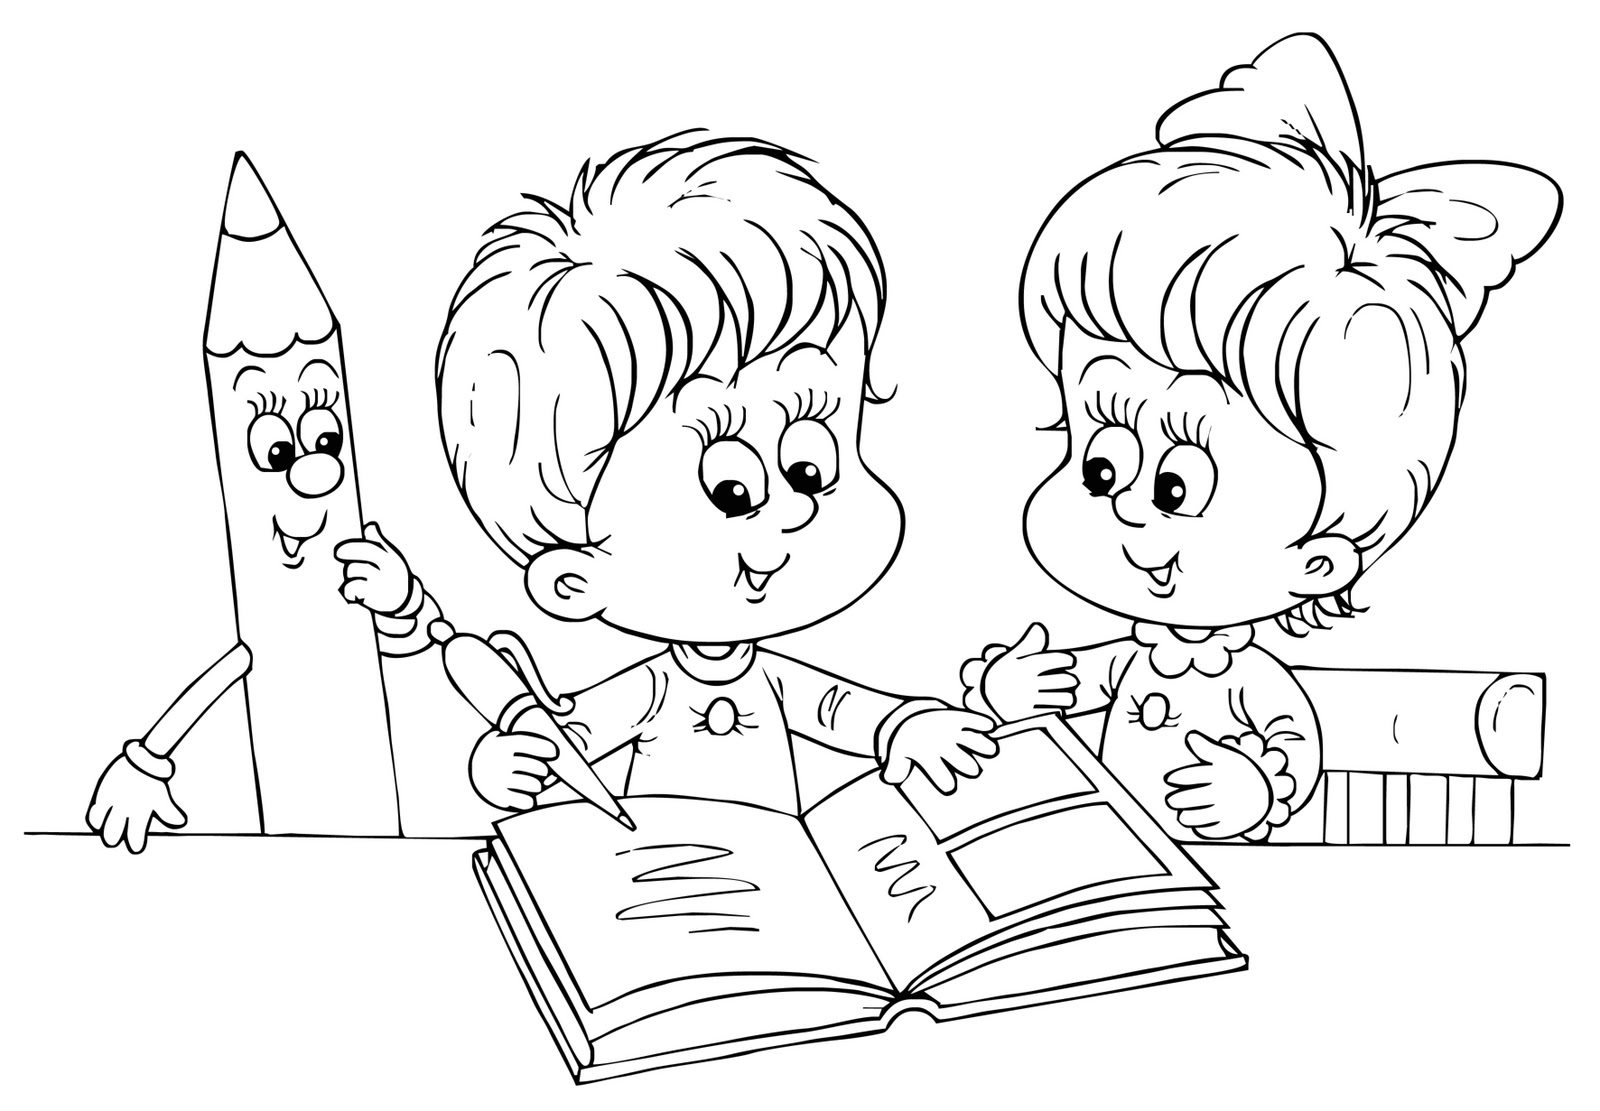 Картинки карандашом о школе и про школу